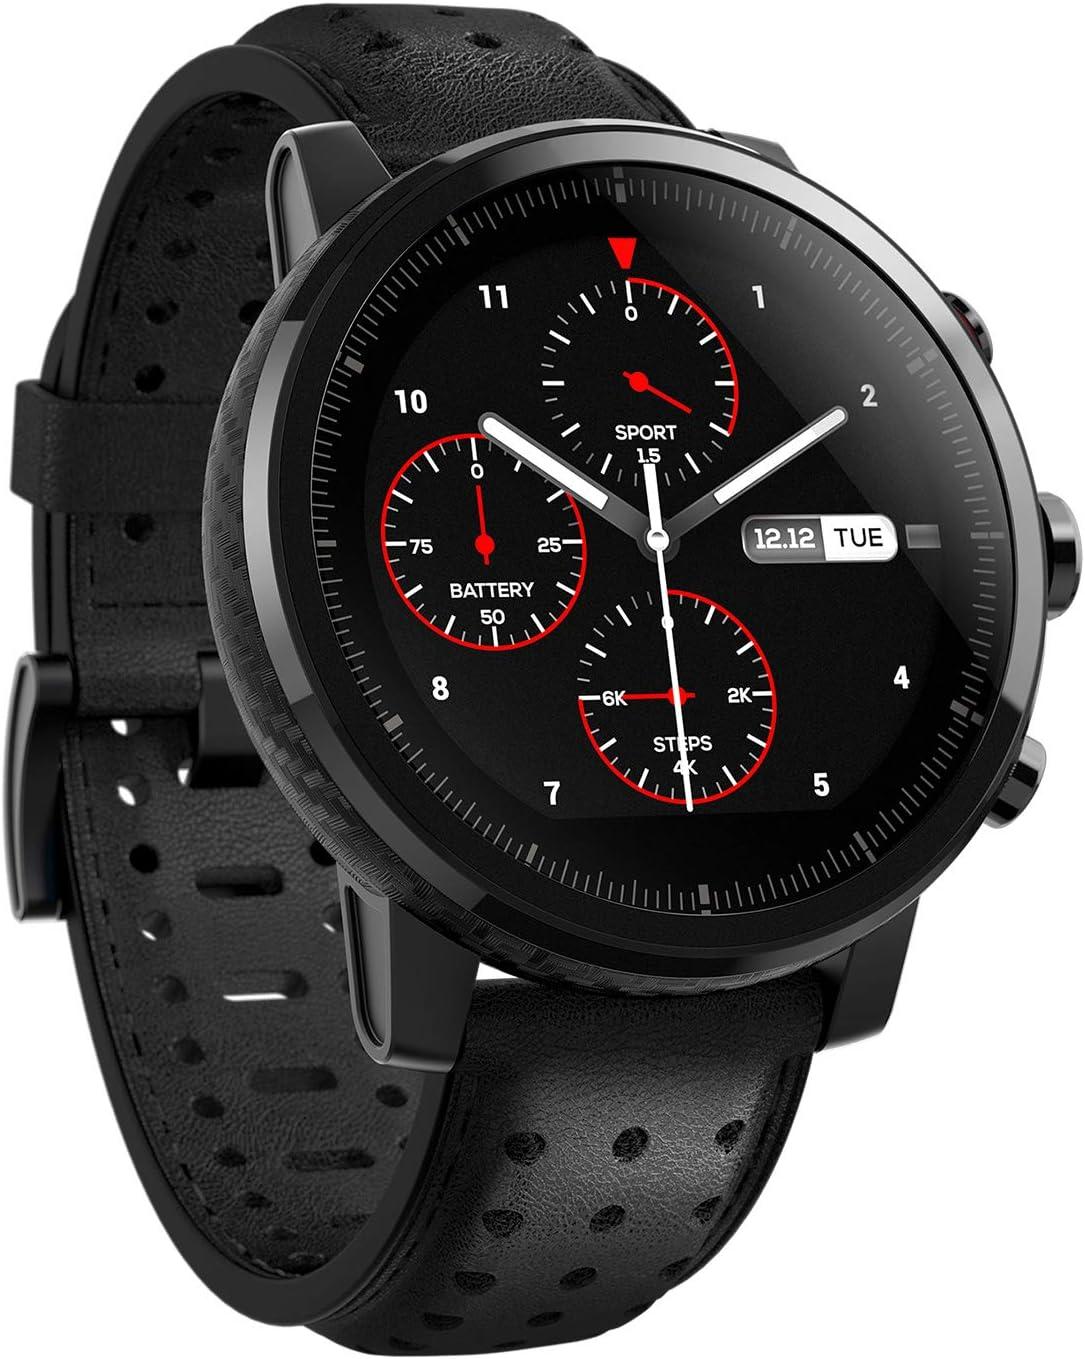 Huami Amazfit Bip Smart Reloj Bip GPS Glonass frecuencia cardíaca 45 días en espera (Negro)